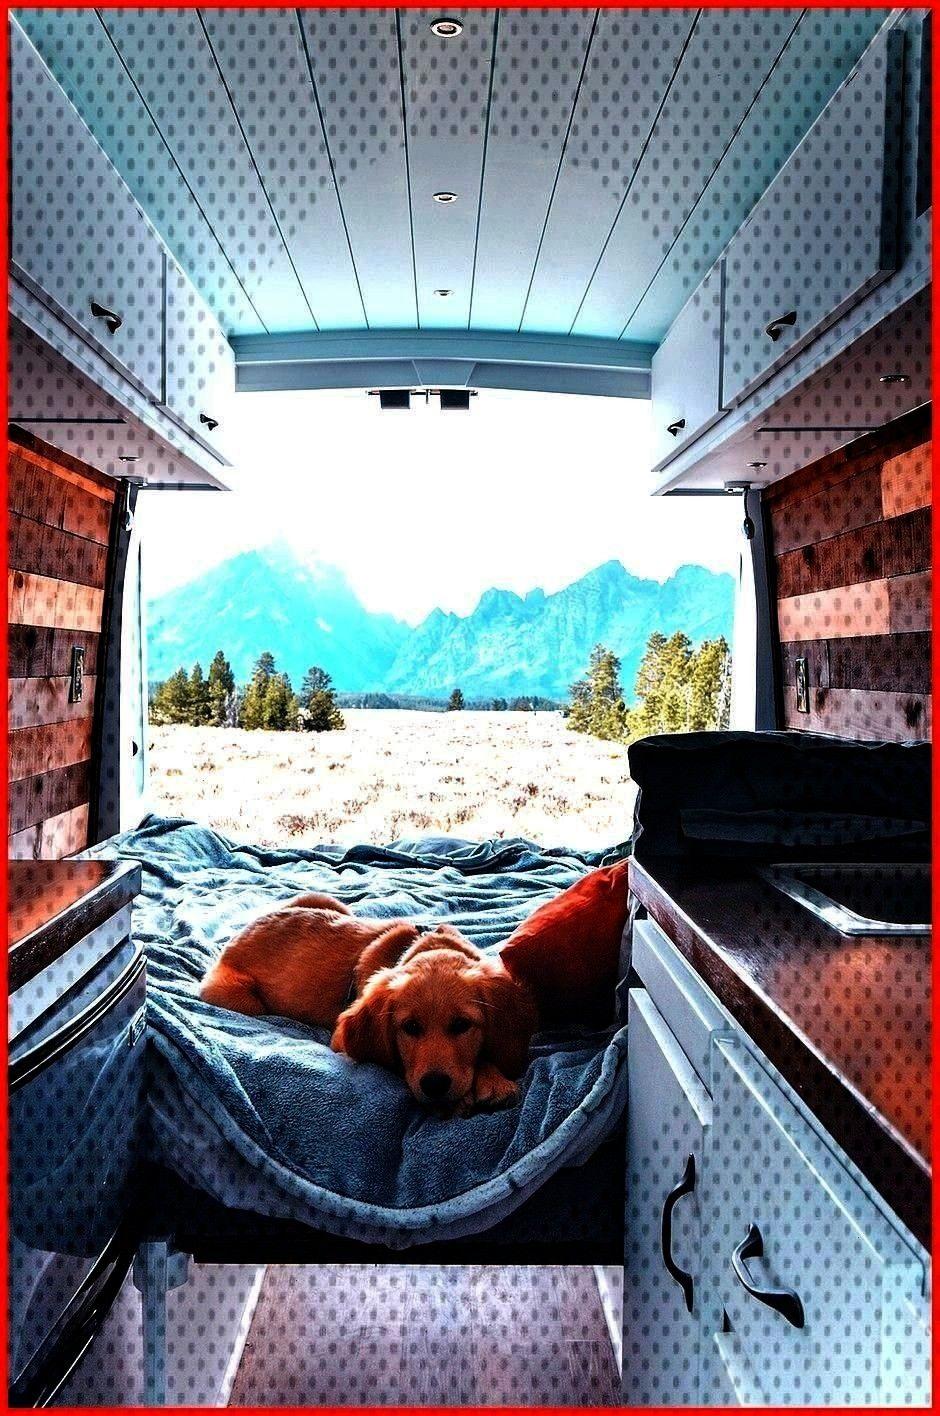 Bus Campers Brilliant 10 Amazing School Bus Campers www camperlife co  The very l10 Amazing School